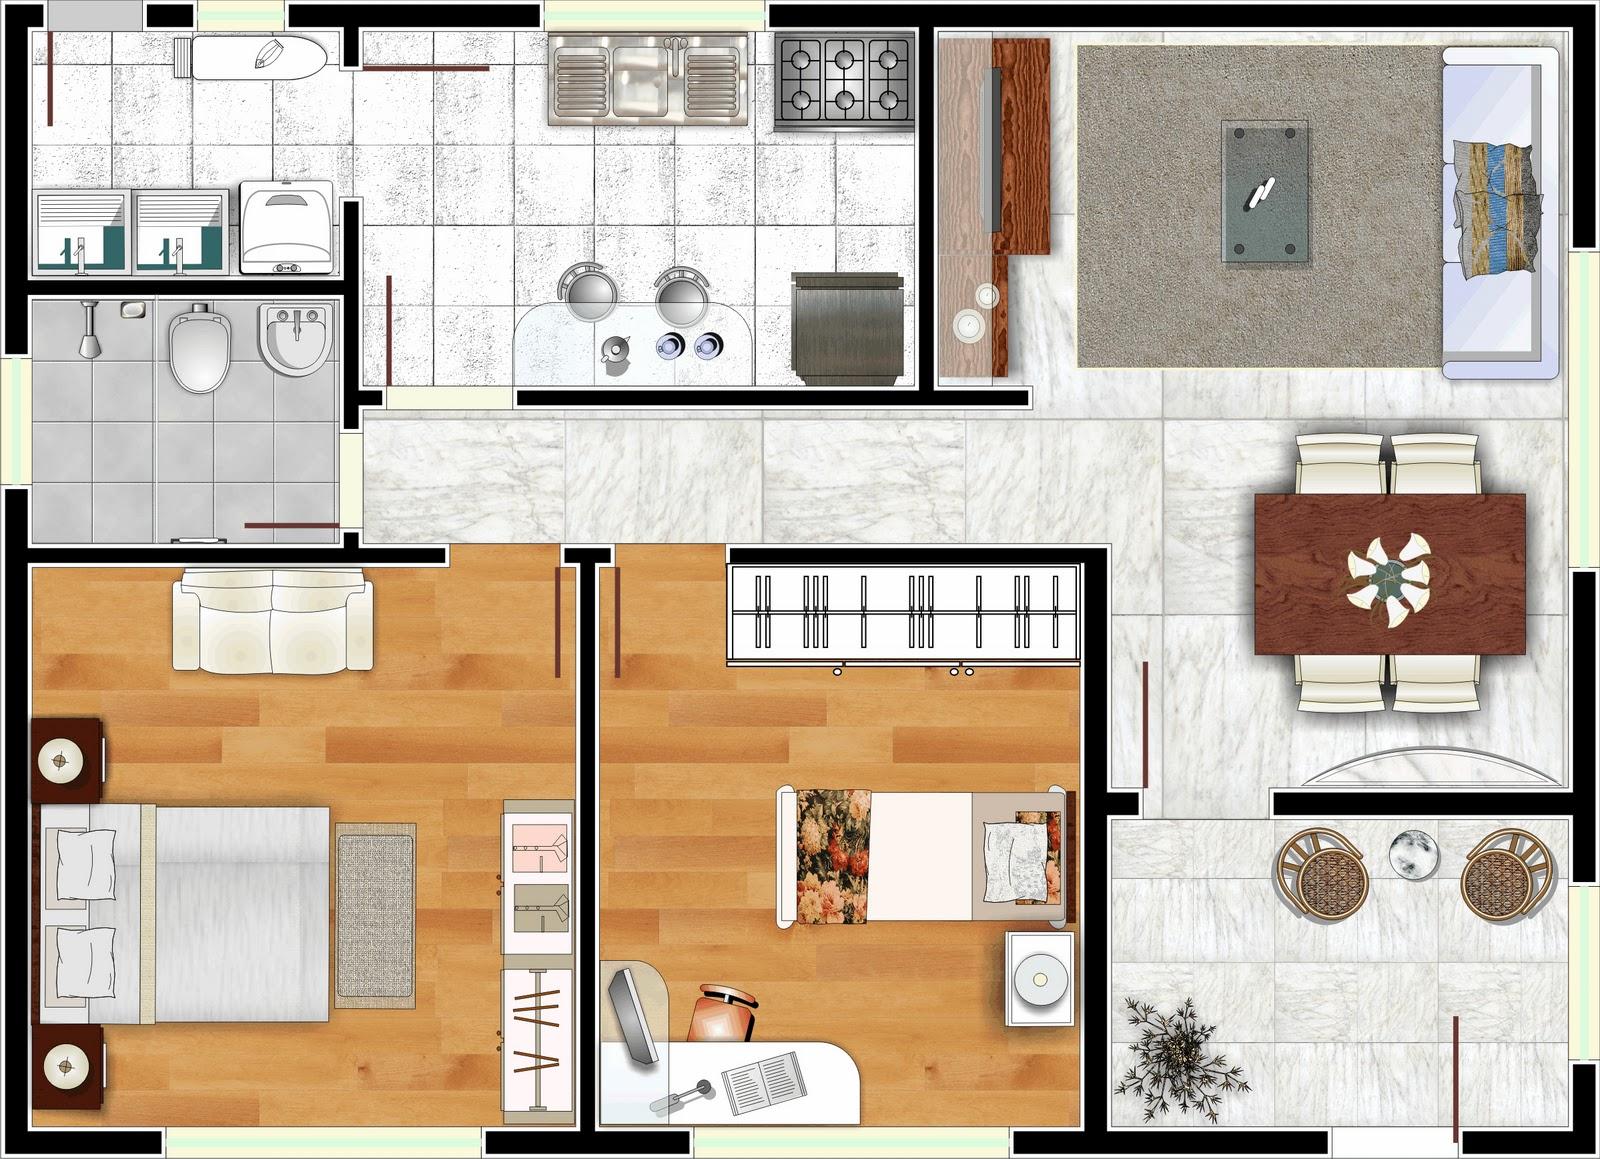 Plantas de casas modernas decorando casas for Decorando casa